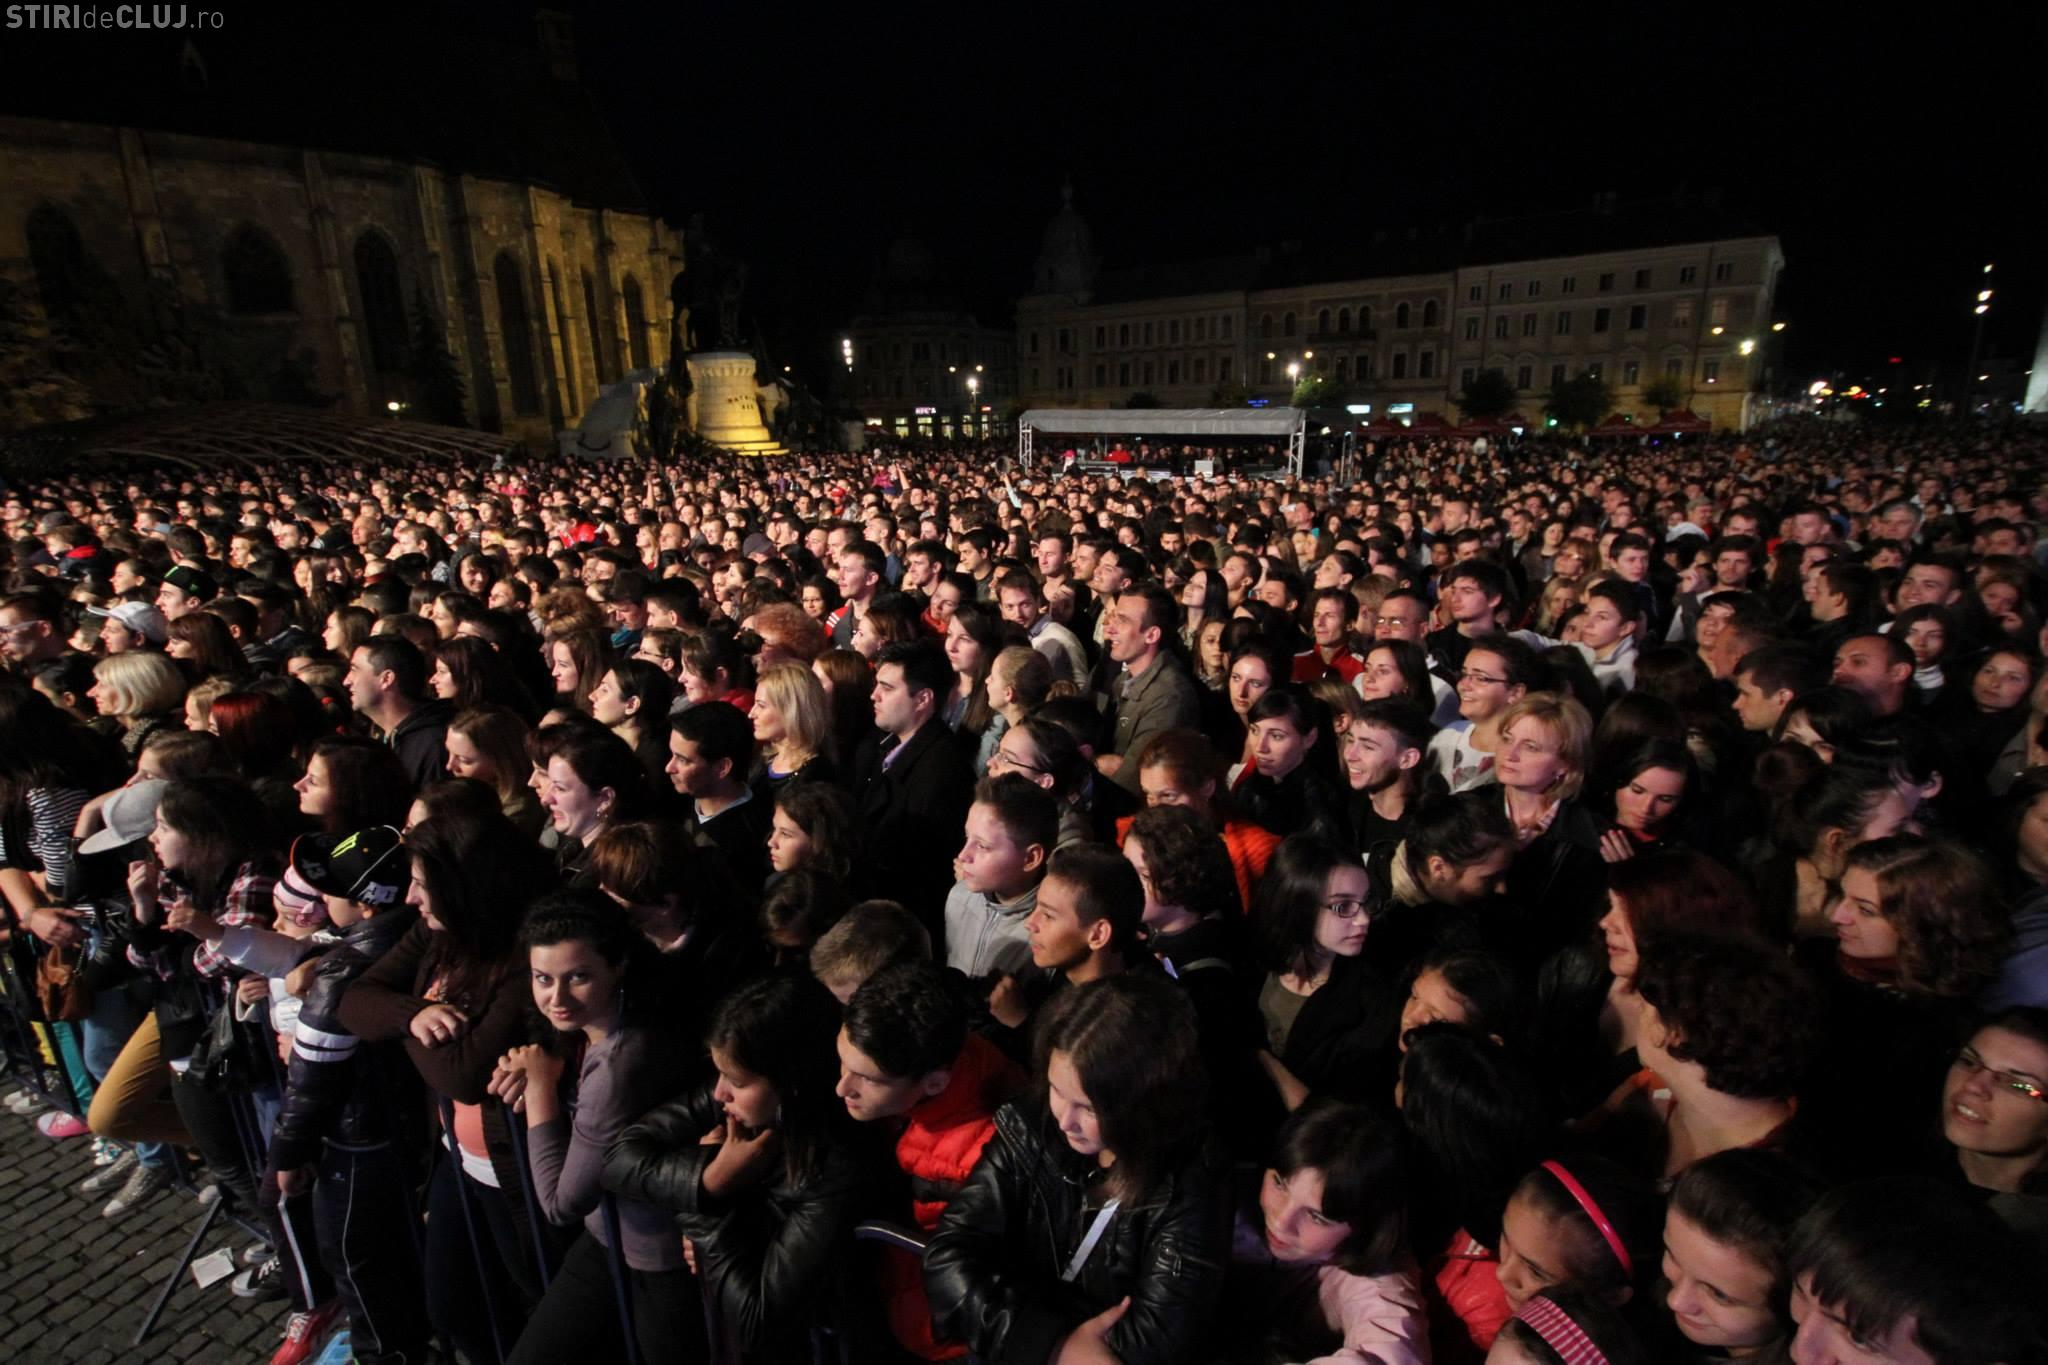 ZILELE CLUJULUI, duminică, 26 mai: Gala Operelor Clujene corul Filarmonicii Transilvania